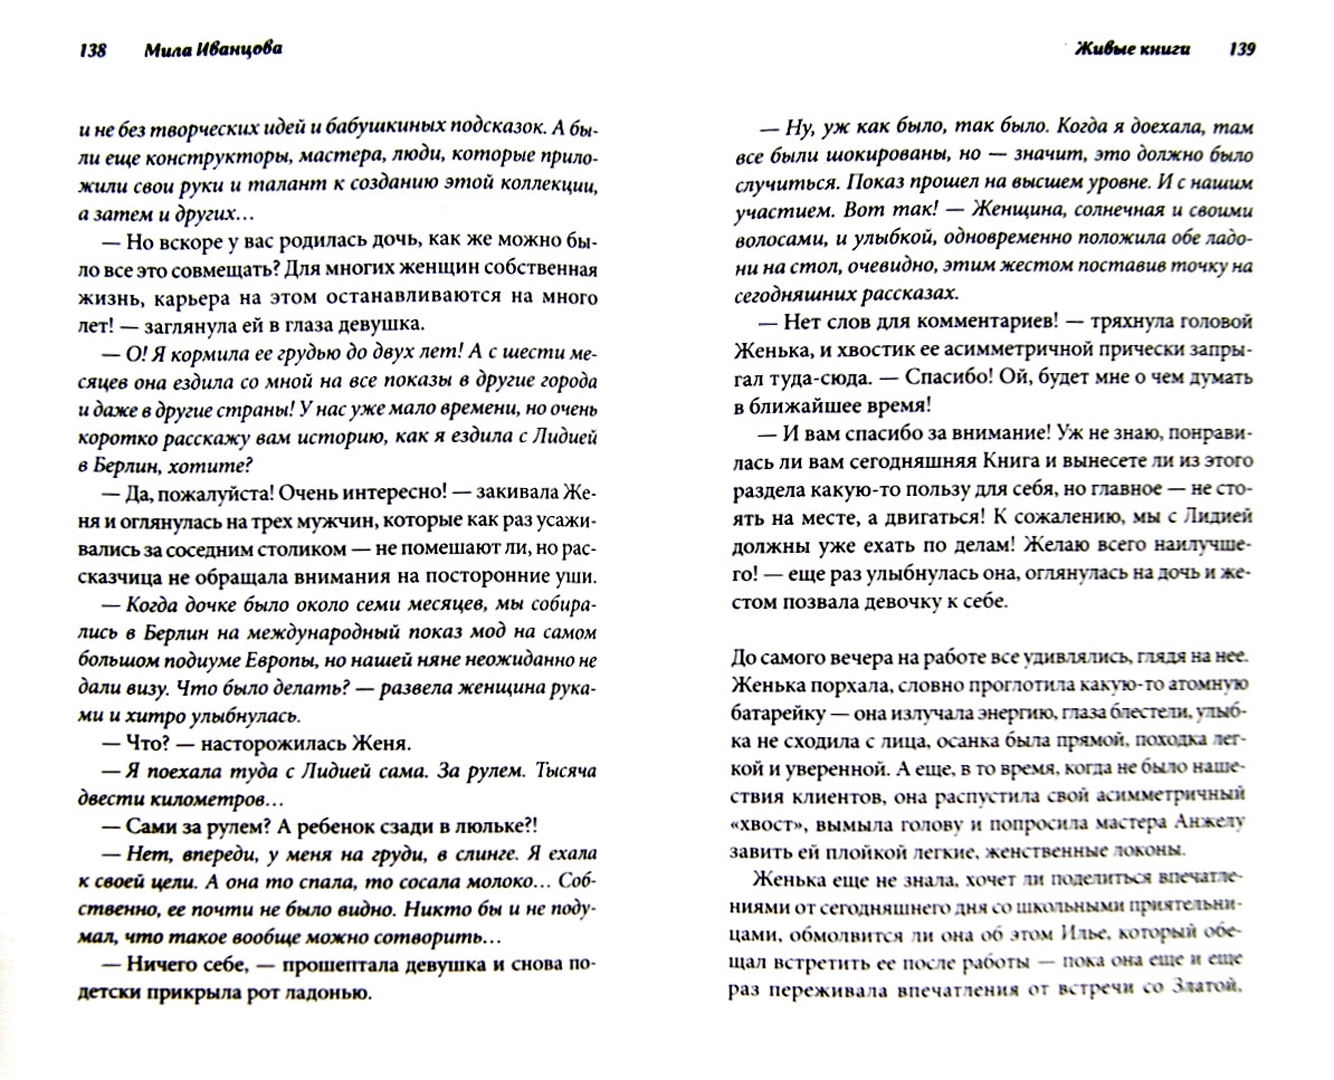 Иллюстрация 1 из 13 для Живые книги - Мила Иванцова | Лабиринт - книги. Источник: Лабиринт